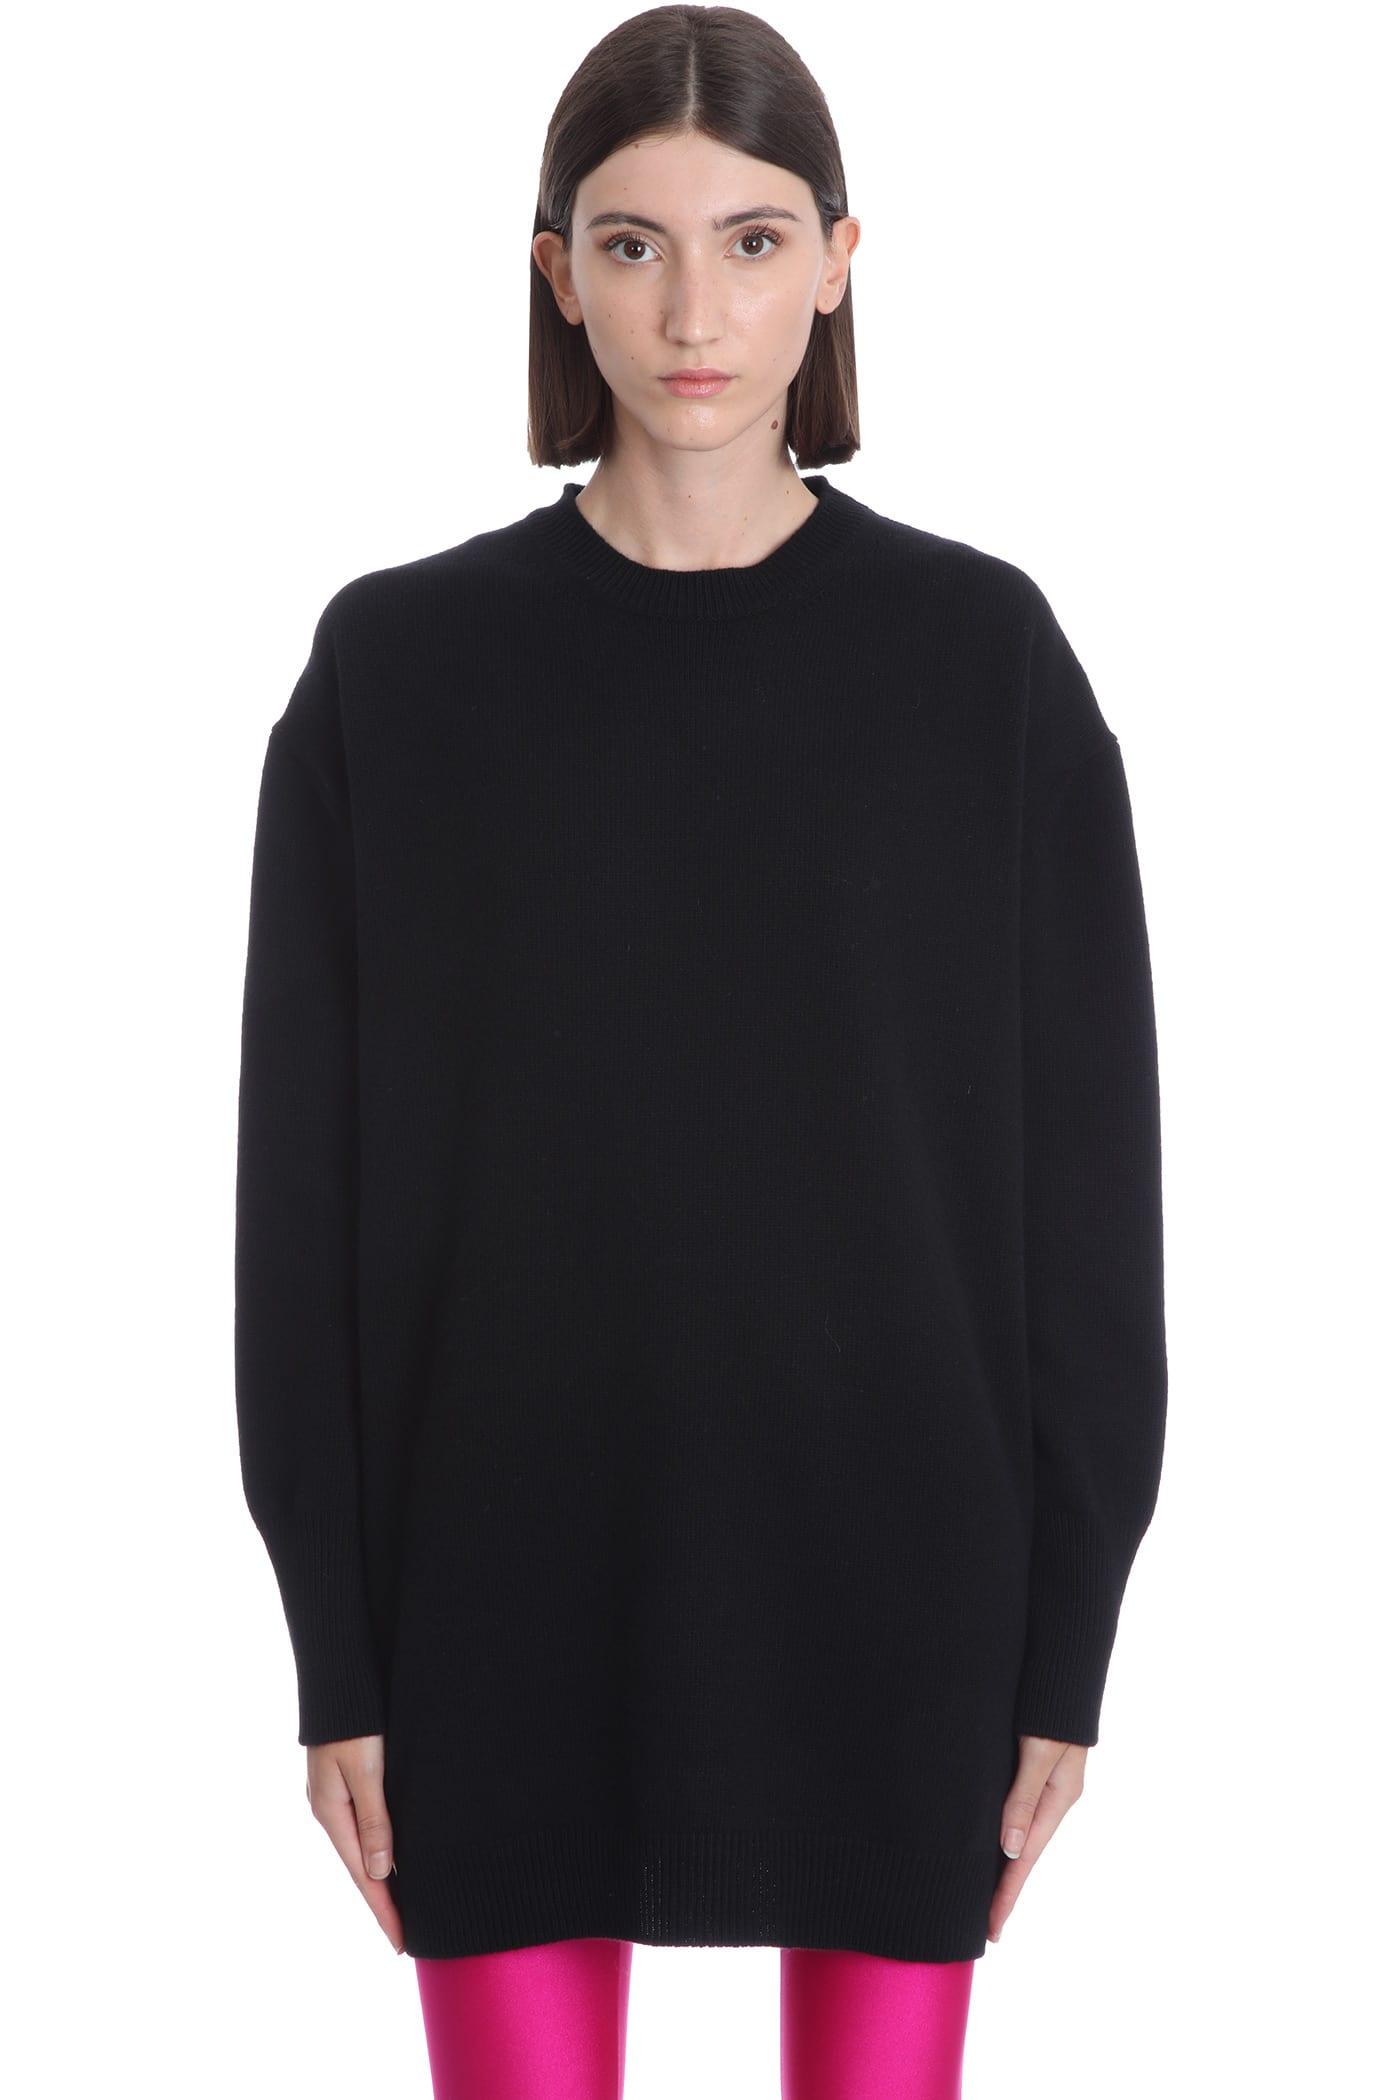 Heidi Knitwear In Black Wool